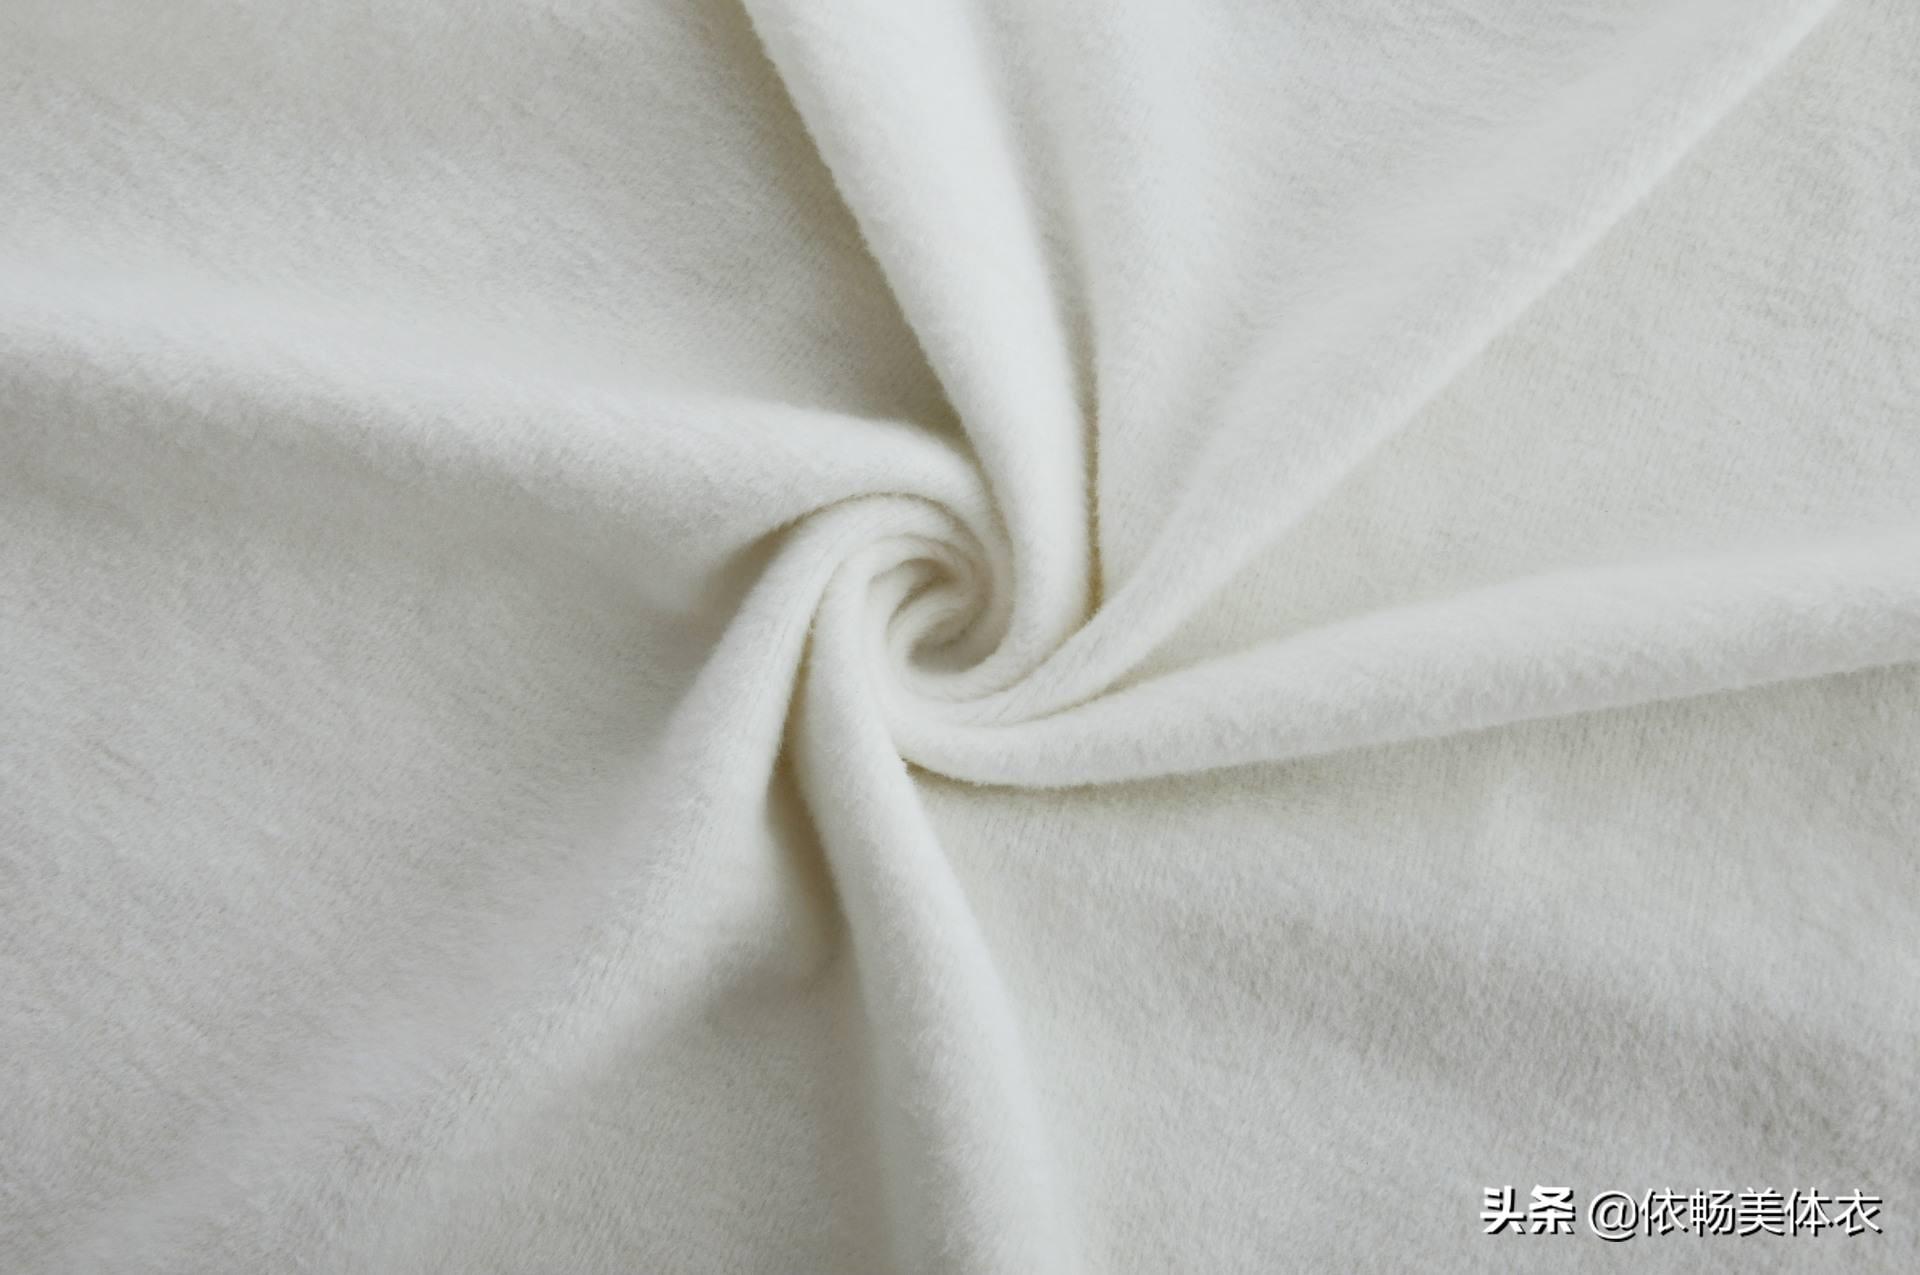 身材时尚:塑身衣都是什么面料做的,如何区分好坏